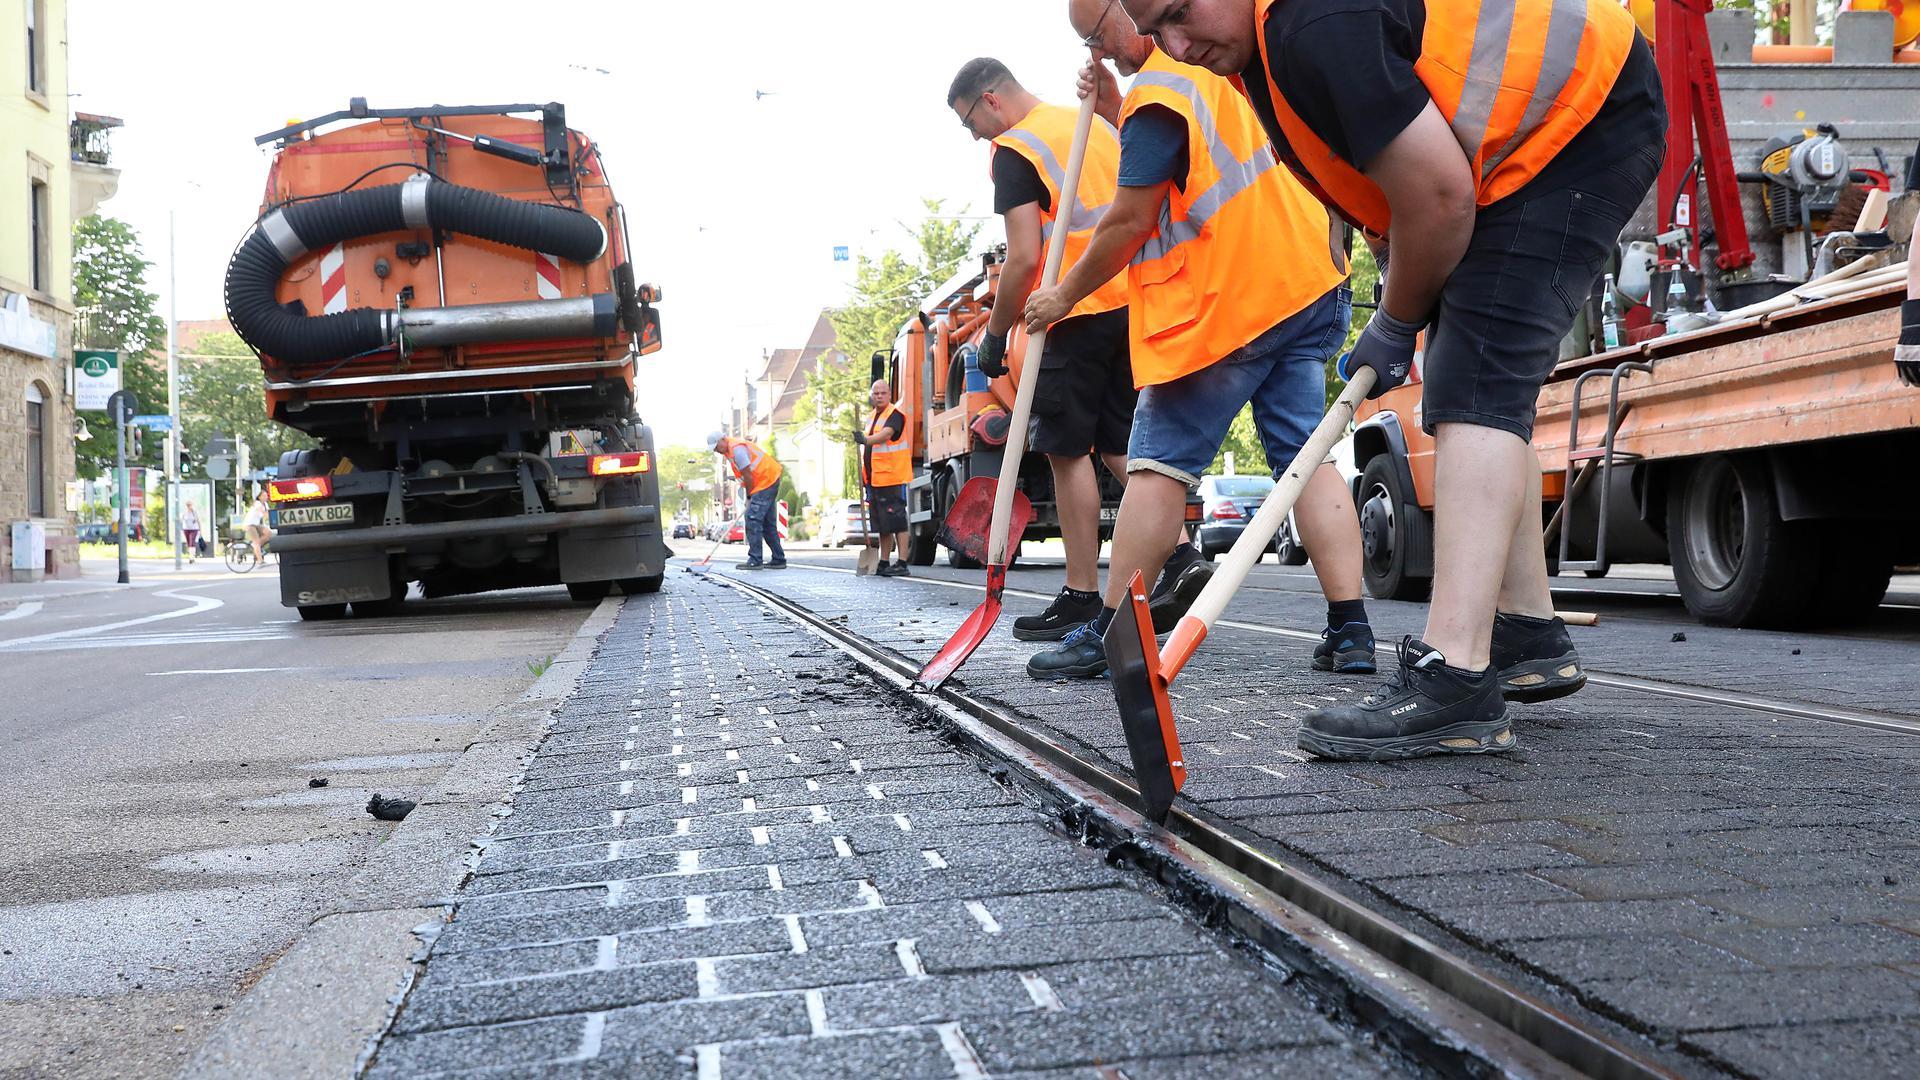 Beseitigung der Schäden: Fieberhaft arbeiten Experten am Abend wie hier in der Karlsruher Blücherstraße daran, die Gleise wieder in Schuss zu bringen. Solche Arbeiten sind an vielen Stellen im Stadtgebiet erforderlich.